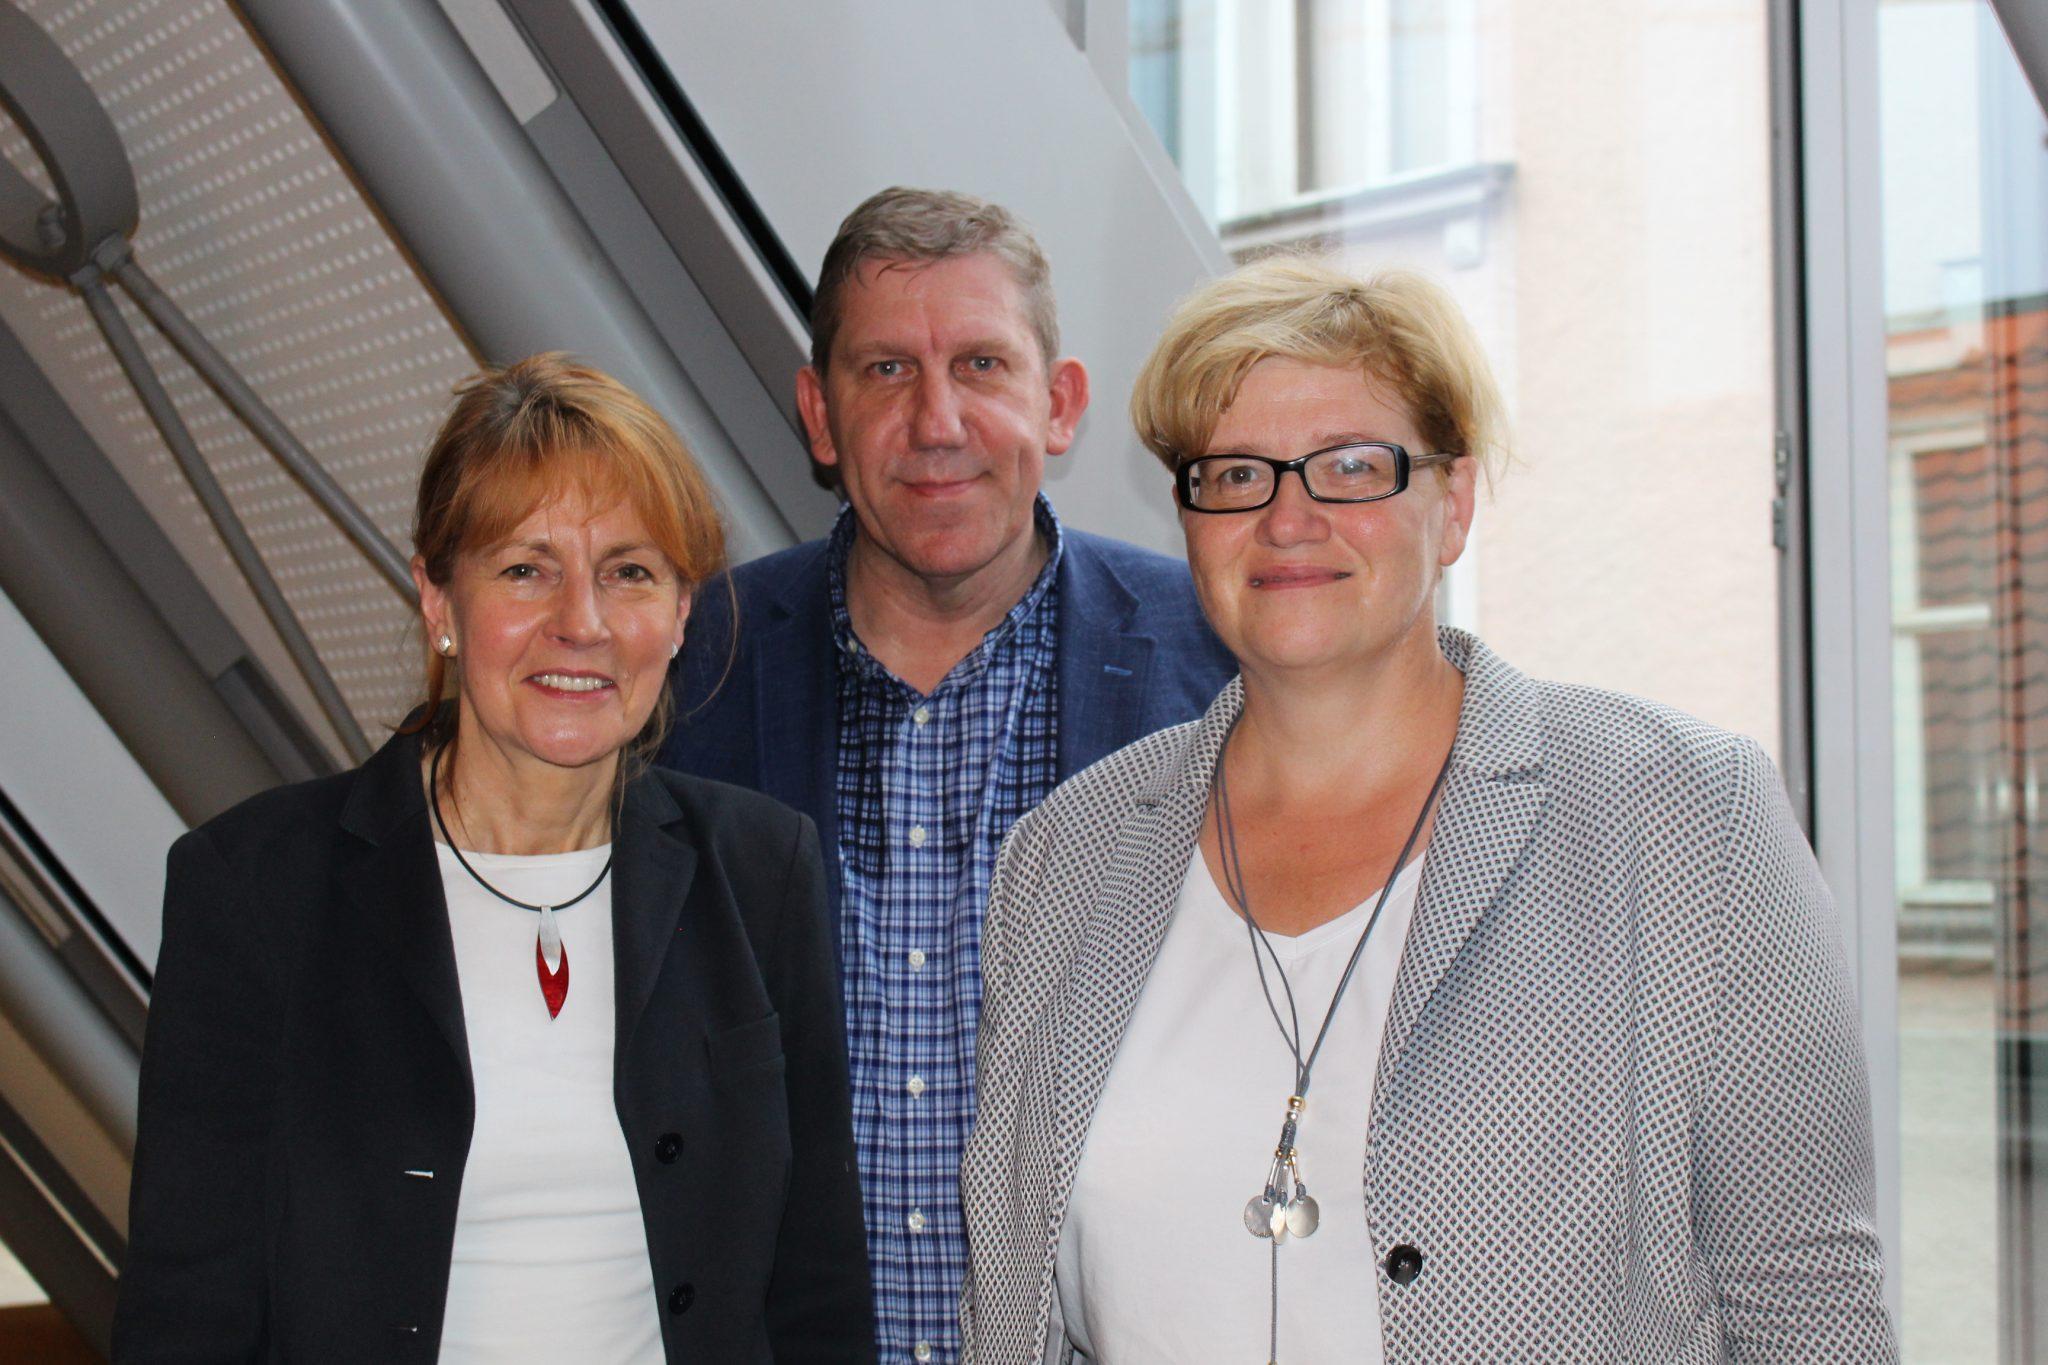 Edelgard Bulmahn, Vizepräsidentin des Deutschen Bundestages, MdB Andreas Schwarz und Anette Kramme, Parlamentarische Staatssekretärin, bei ihrer Diskussionsveranstaltung zur Demokratie in Forchheim.